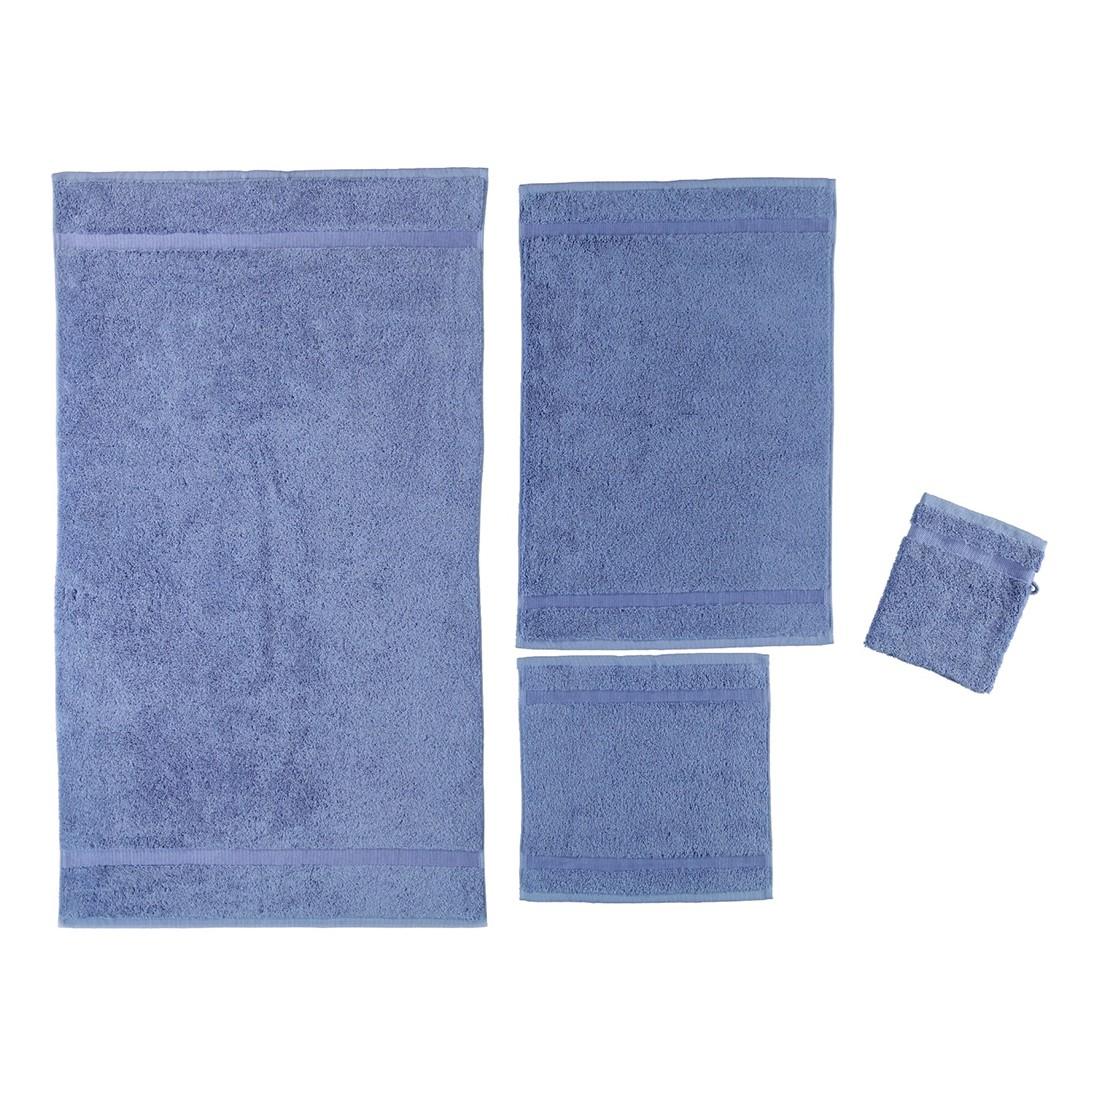 Handtuch Princess - 100% Baumwolle aqua - 78 - Duschtuch: 70 x 130 cm, Rhomtuft